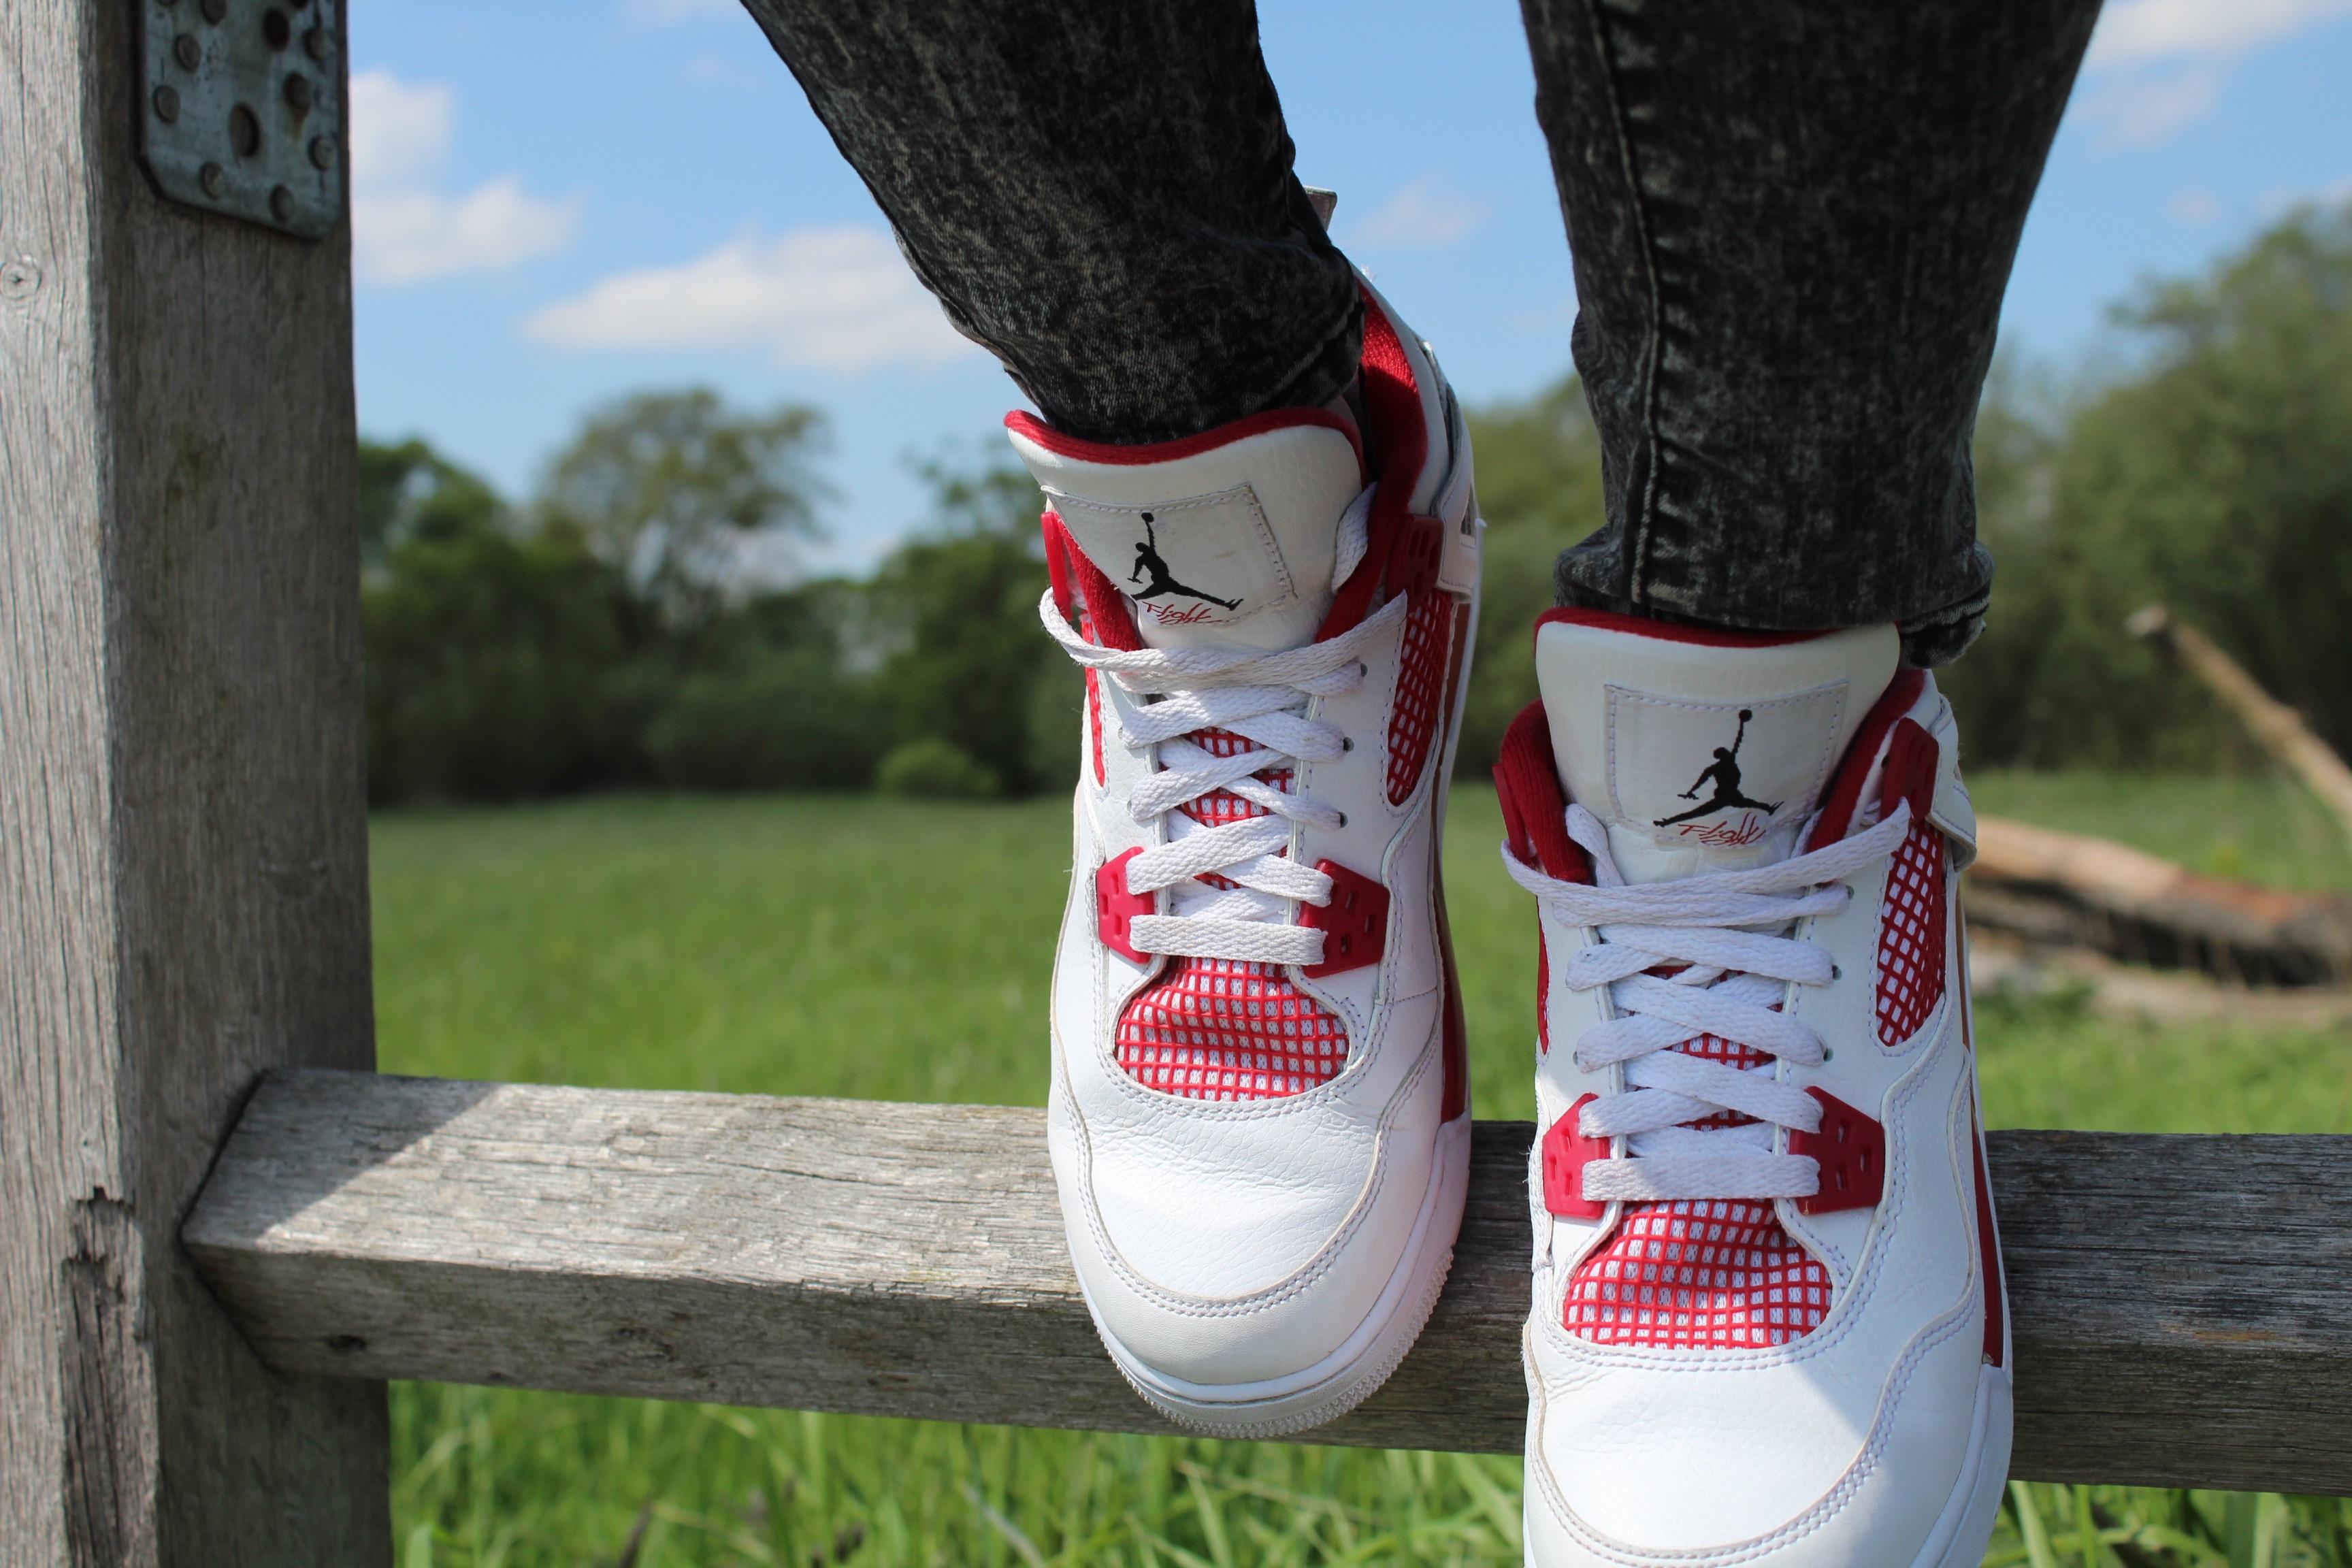 Giày trắng Giày chơi quần vợt Mùa xuân Đỏ Chạy giày Dây giày nghệ thuật giày